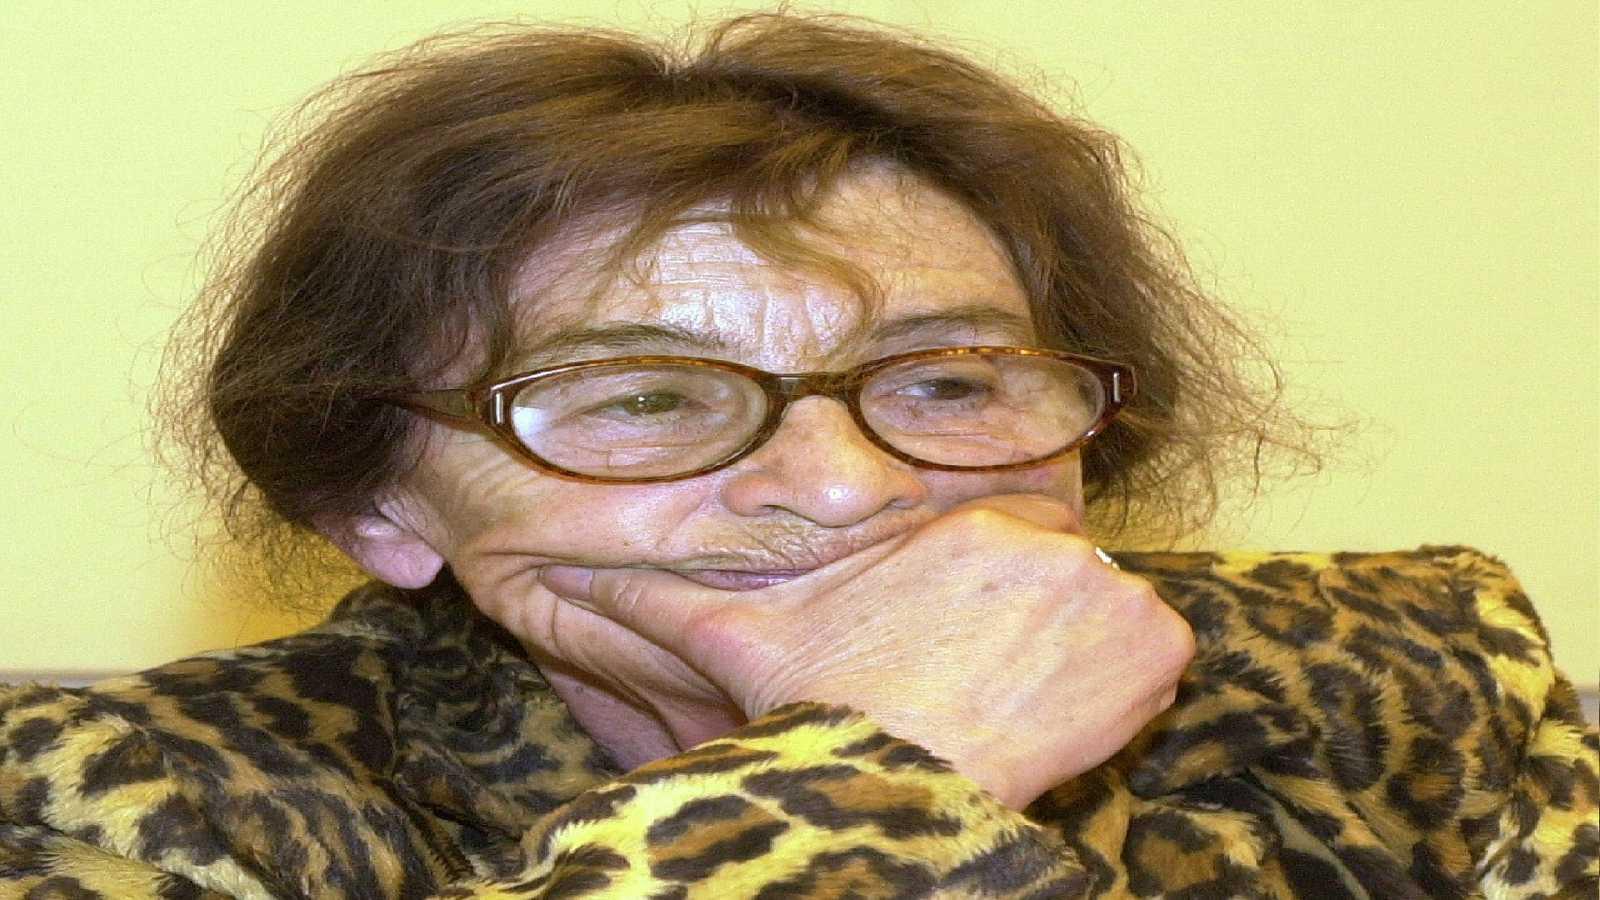 Preguntas a la Historia - ¿Quién fue Agnes Heller? - 28/04/21 - Escuchar ahora